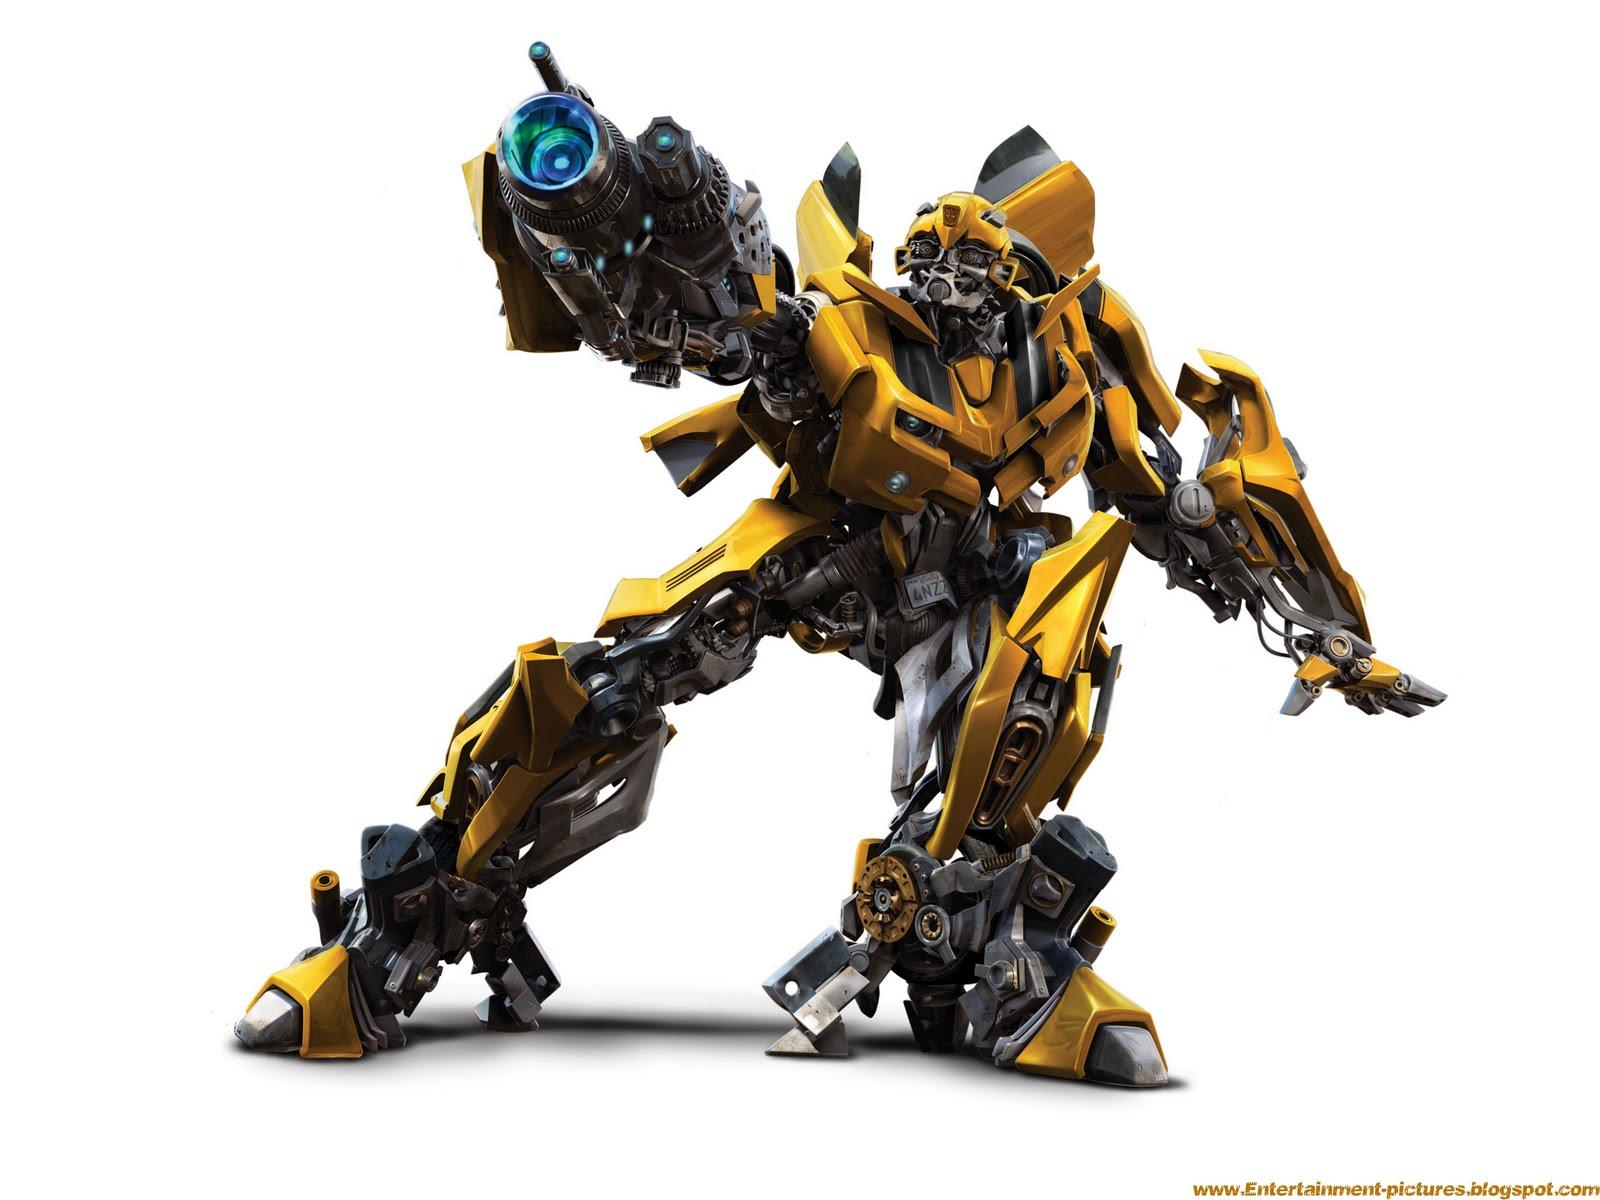 http://4.bp.blogspot.com/-S9zM9KK8Hls/ThO4Da_A8fI/AAAAAAAAD5k/Lp_hWGT7cHs/s1600/Copy+of+transformers-bumble-bee.jpg